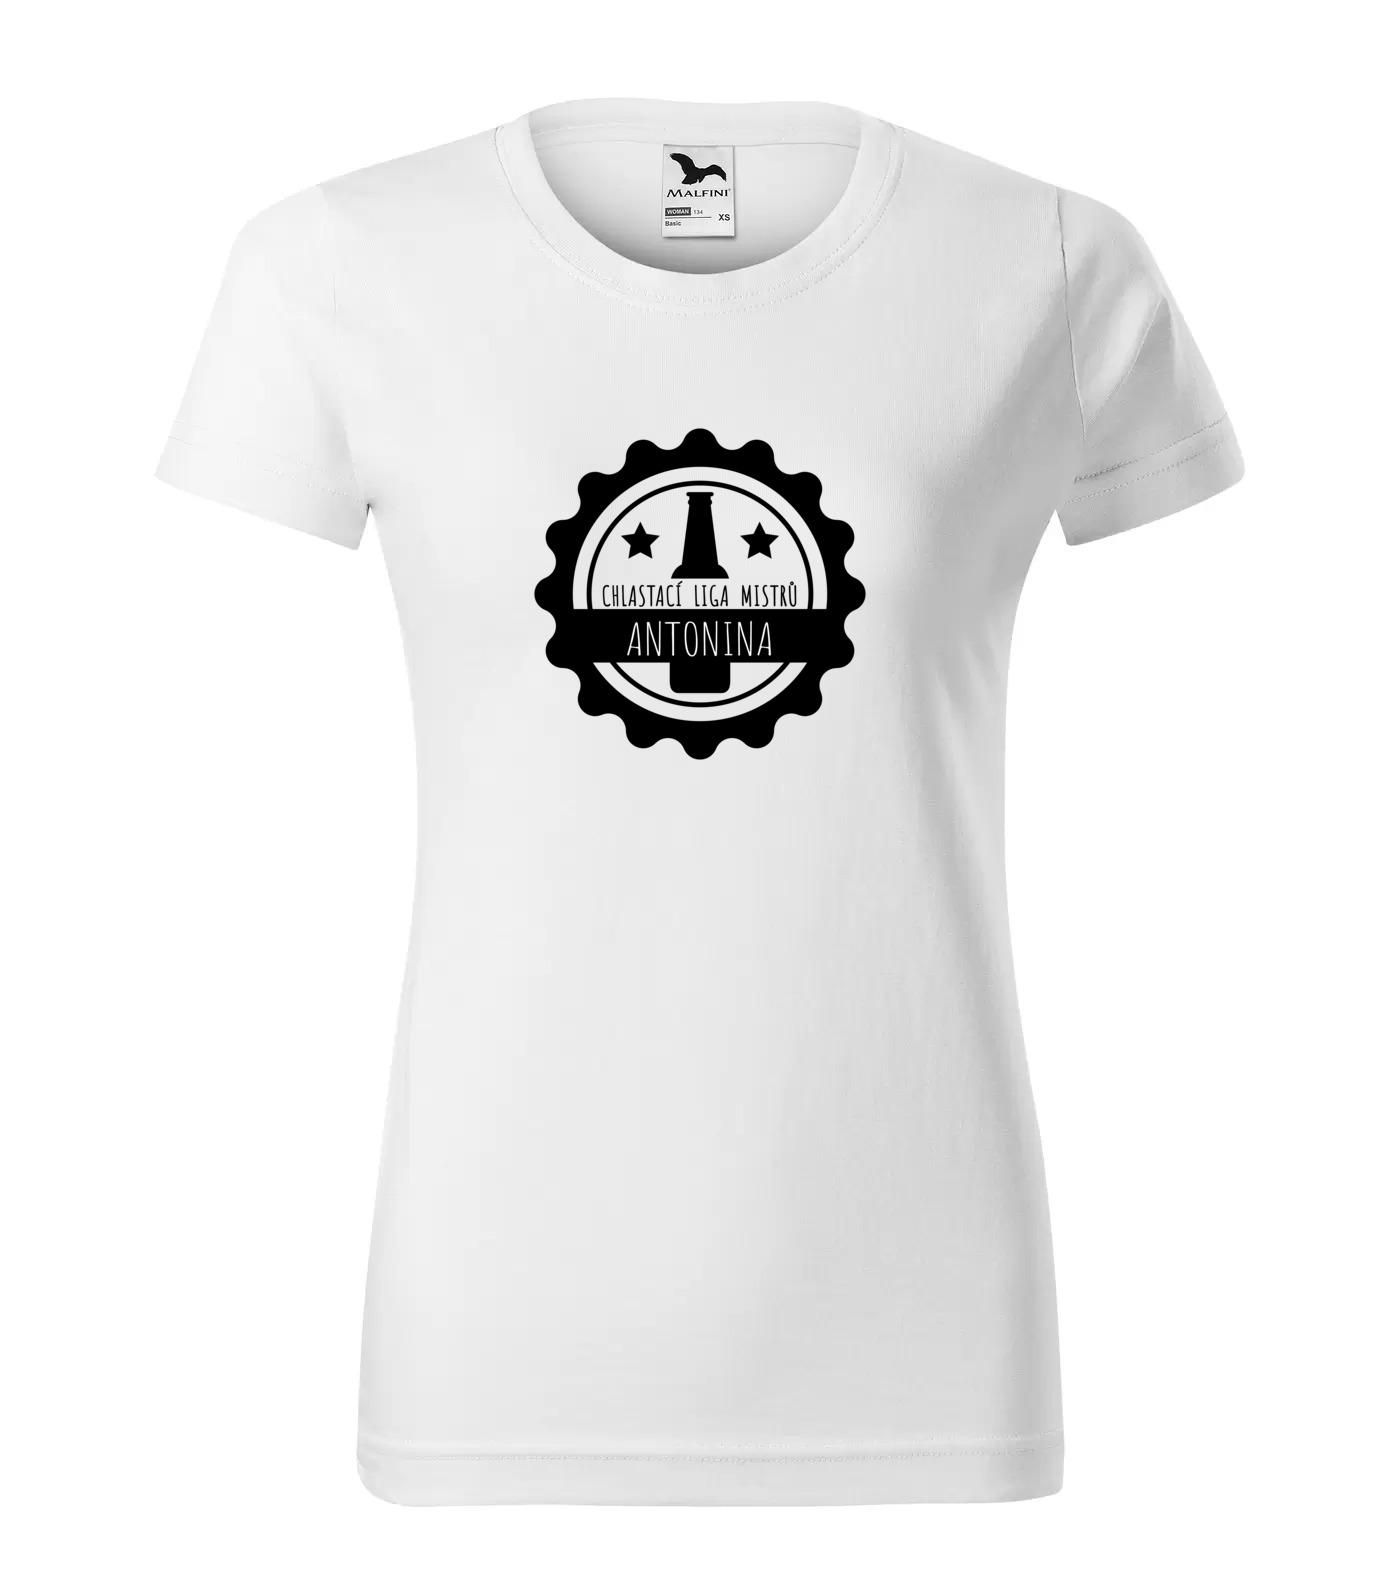 Tričko Chlastací liga žen Antonina